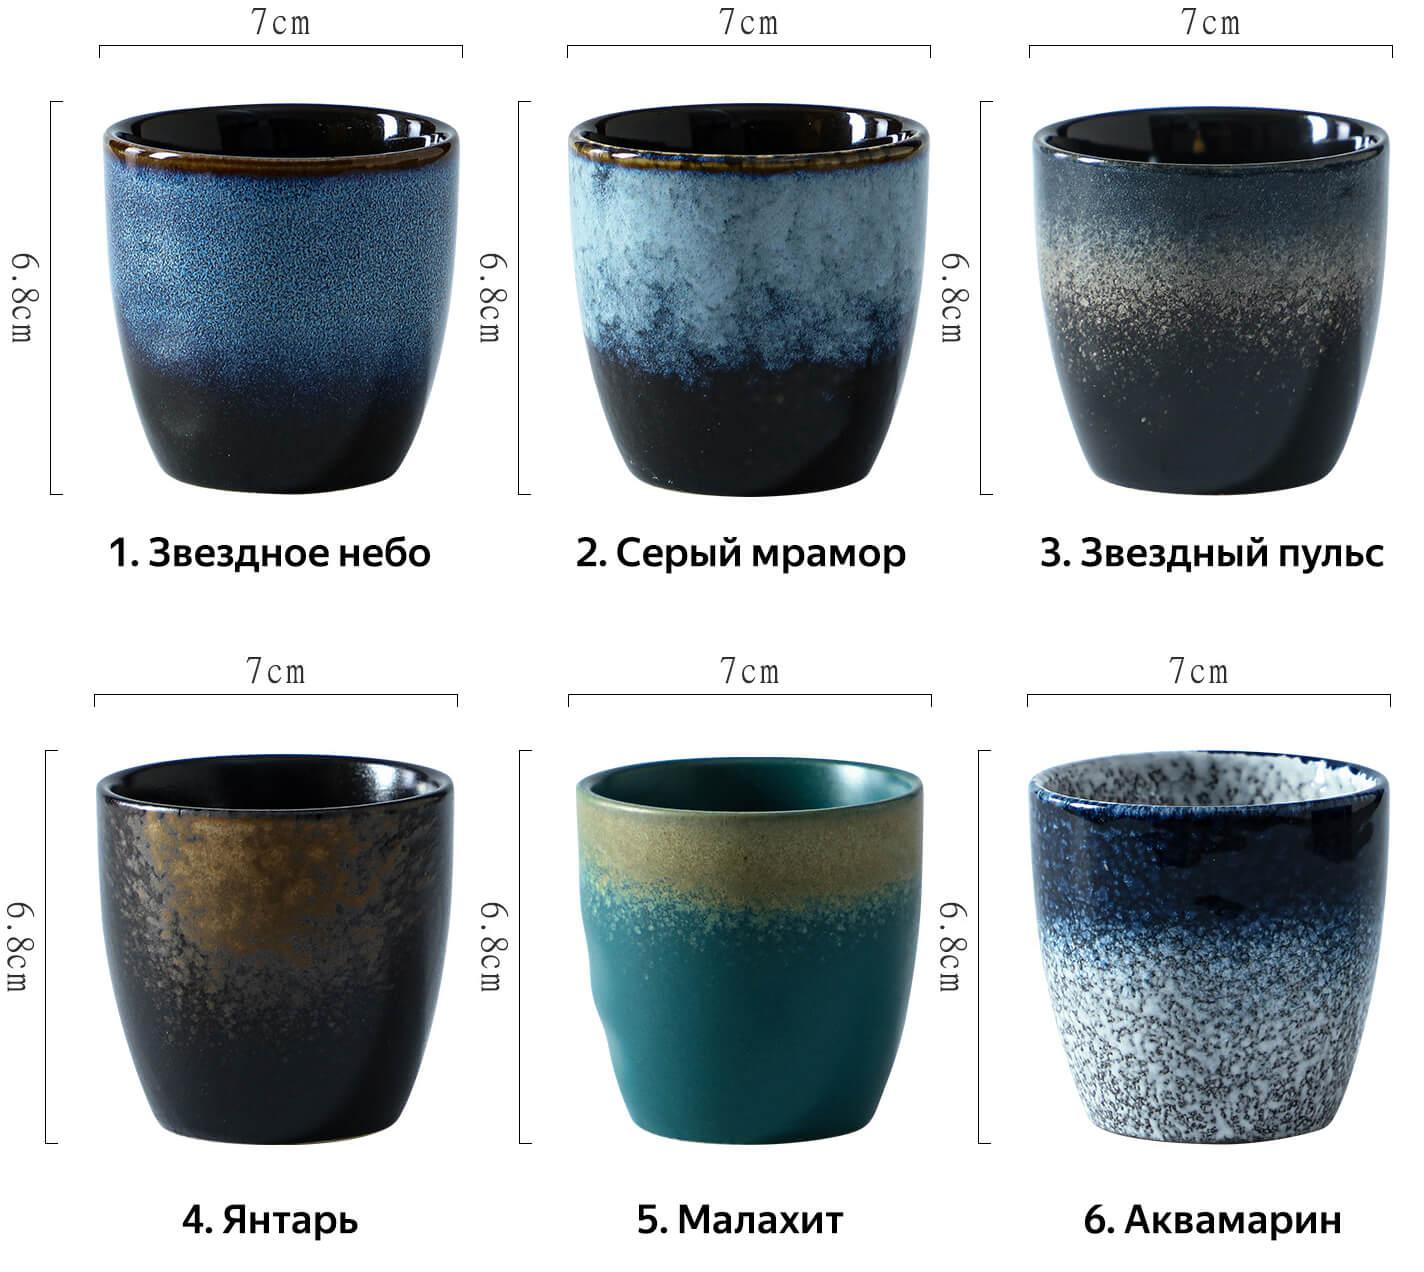 мраморные пиалы стаканы